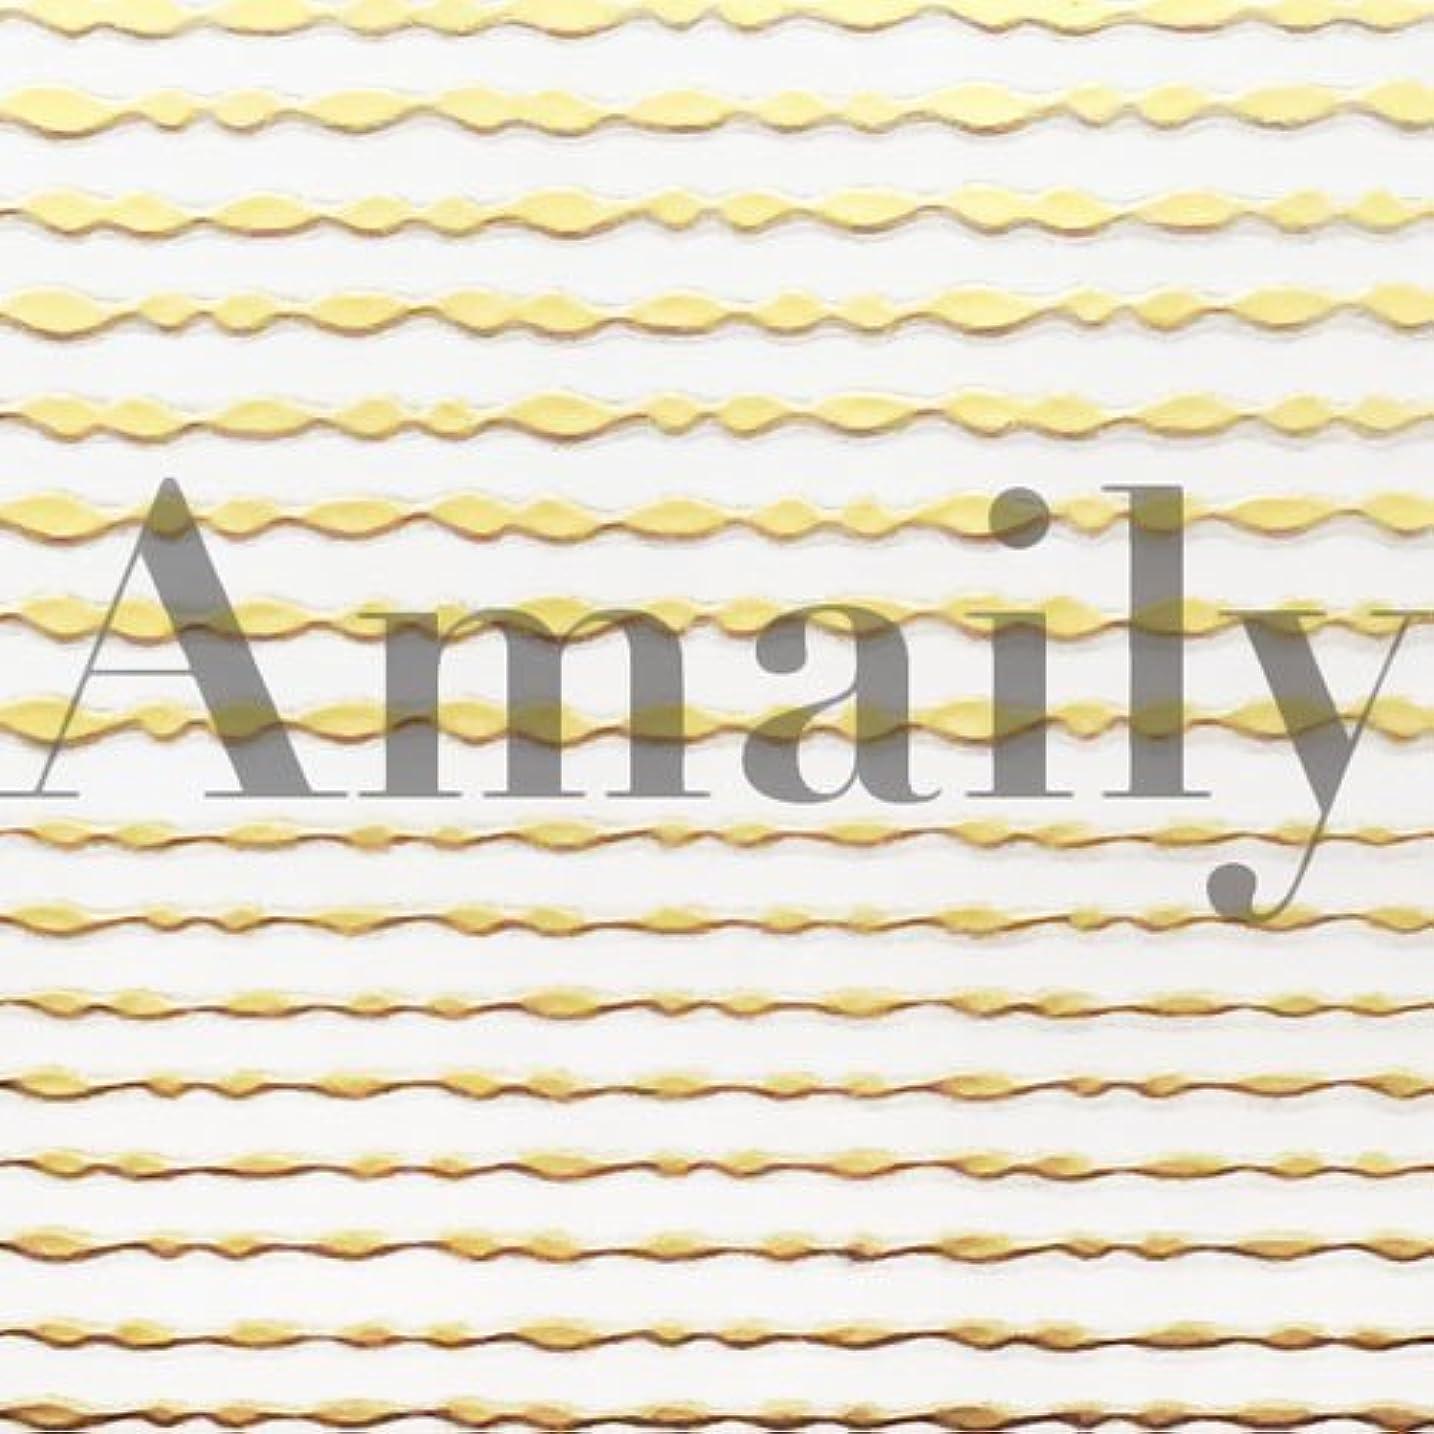 Amaily(アメイリー)波ライン ゴールド【ネイルアート、ネイルシール、ネイル パーツ】